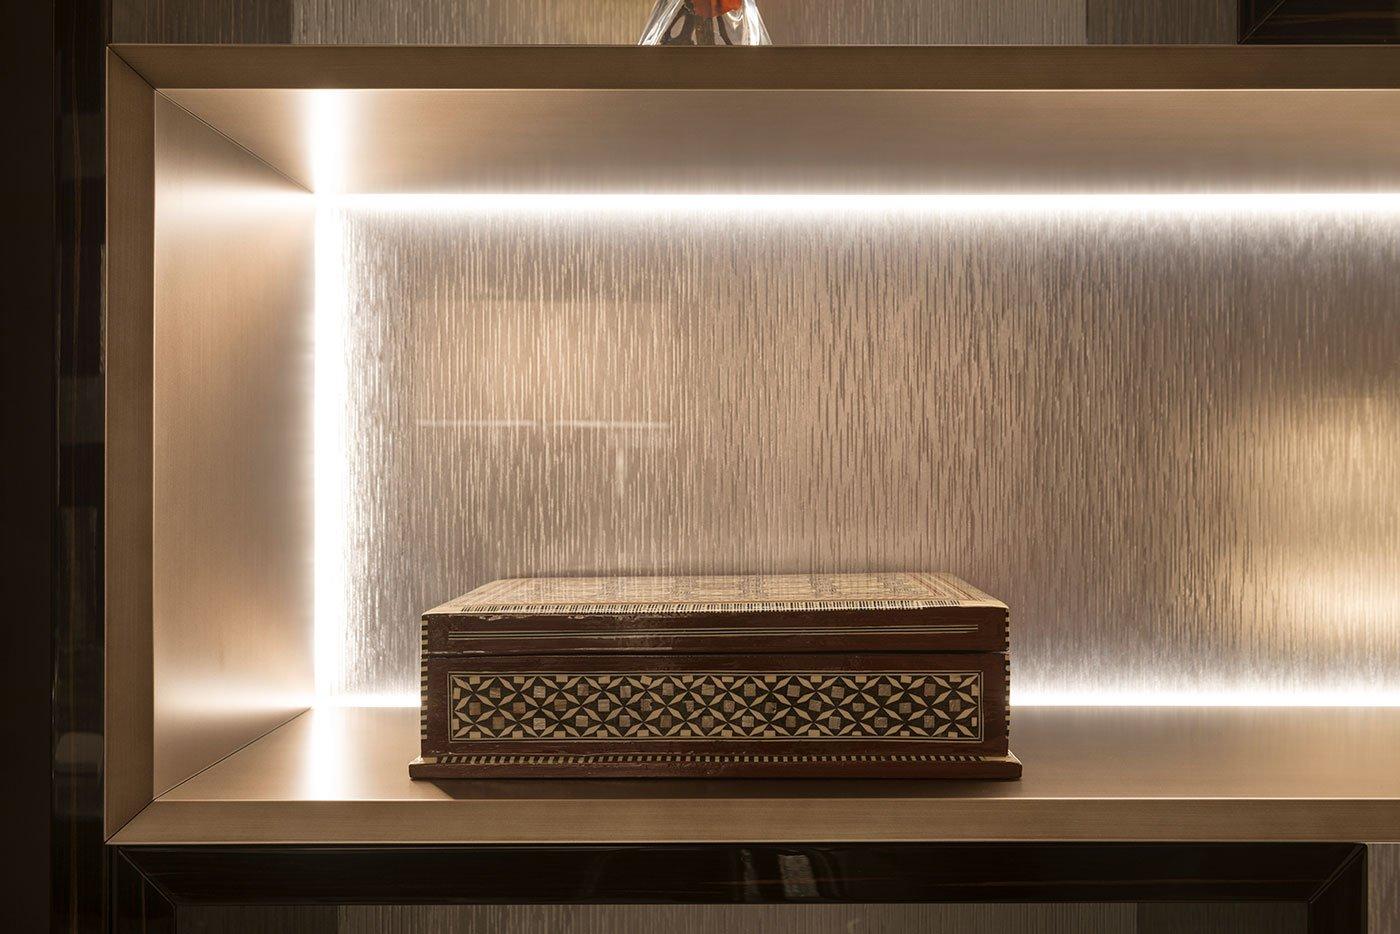 interior design detail